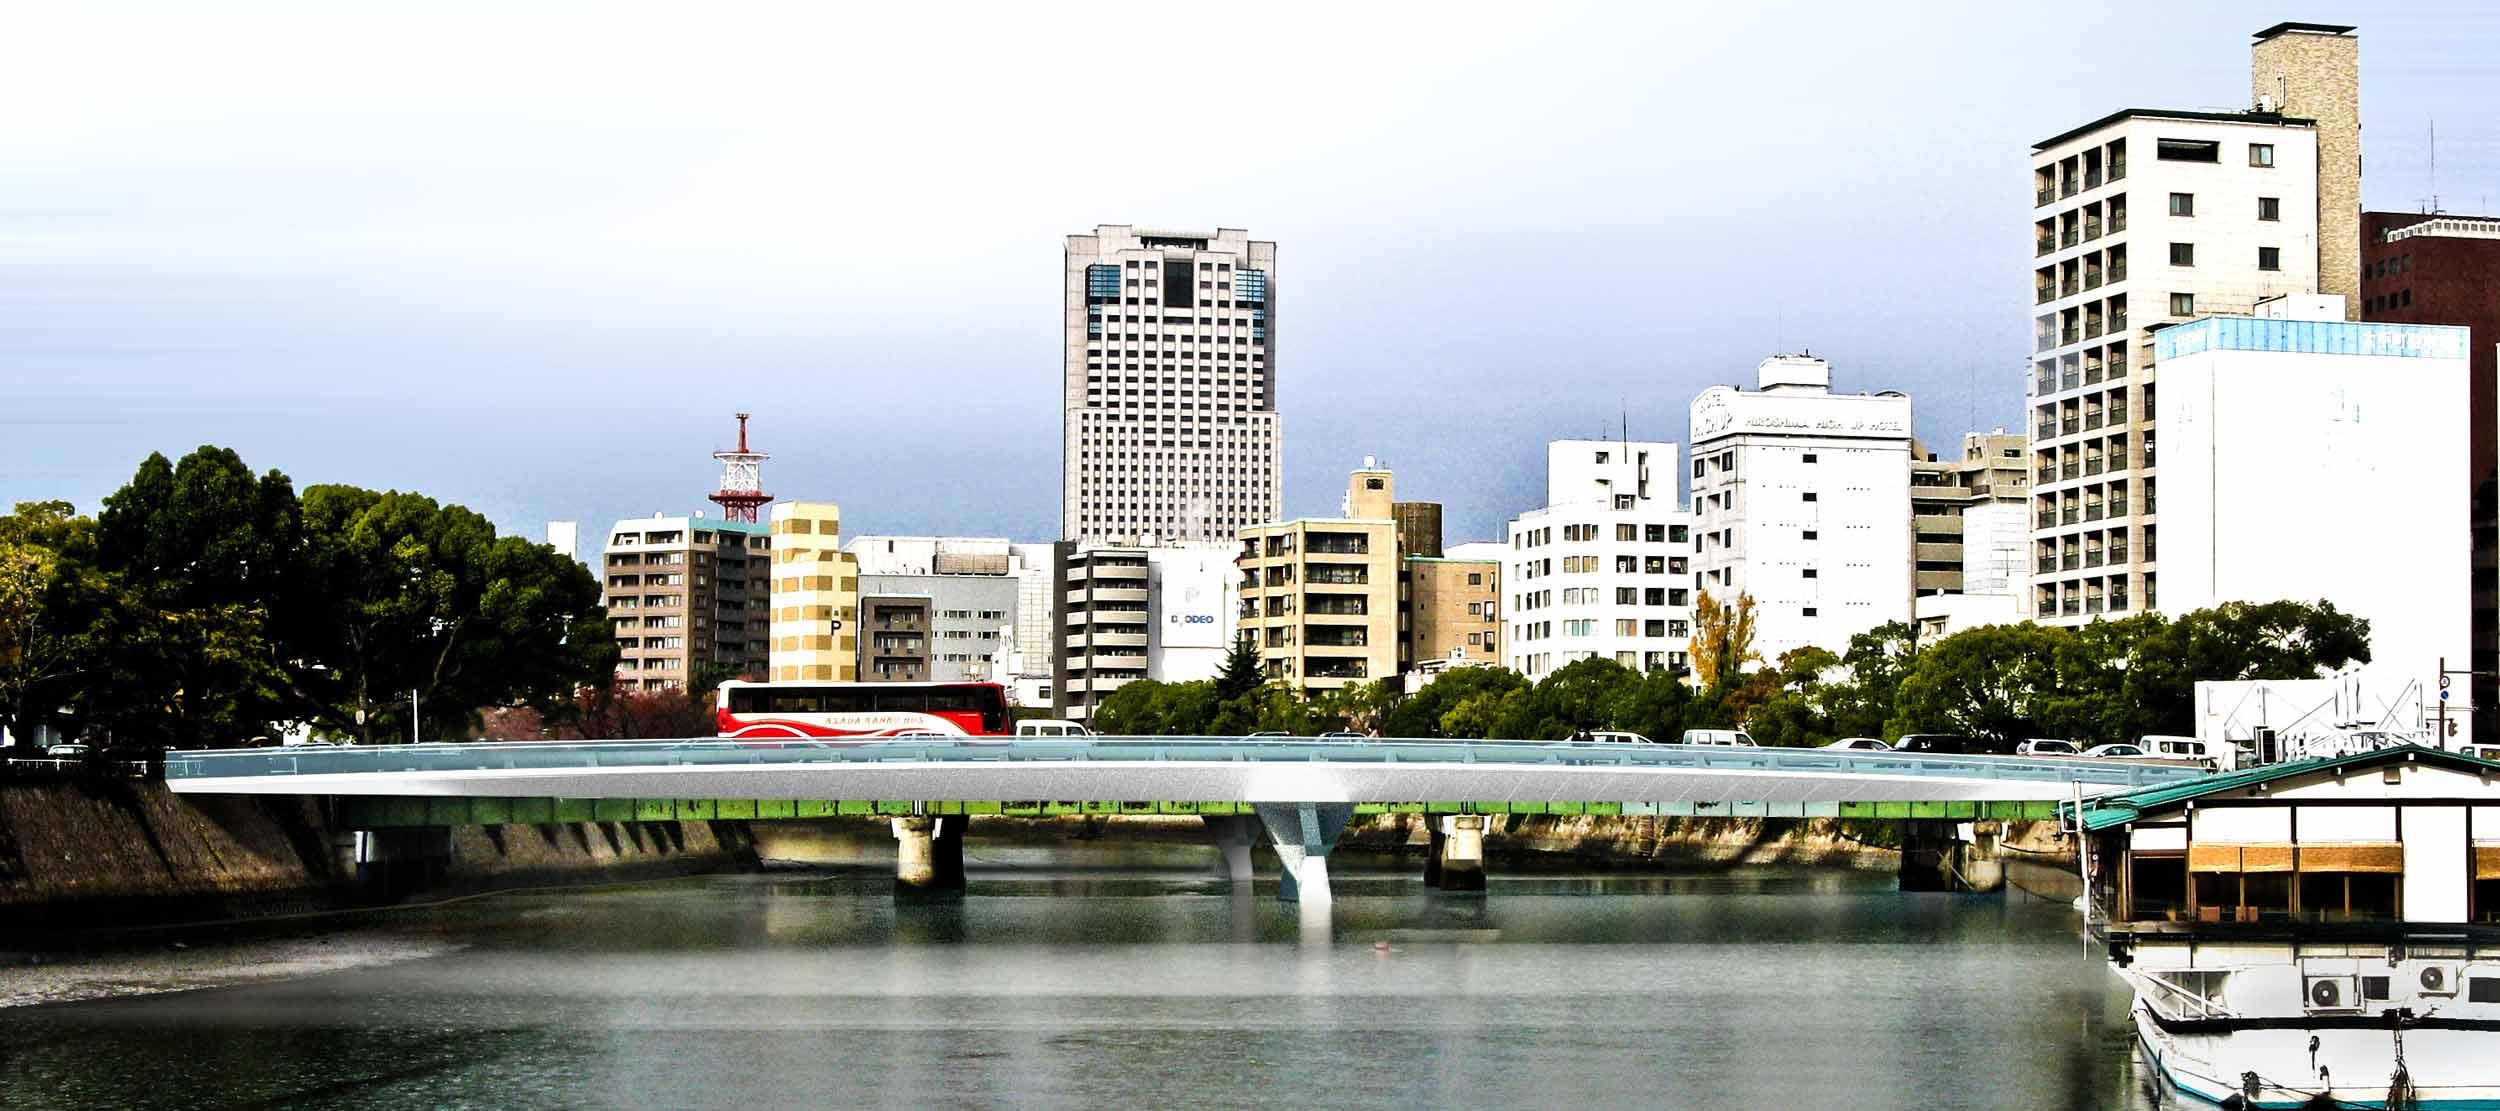 hiroshima-peace-bridge---rendering-(6).jpg